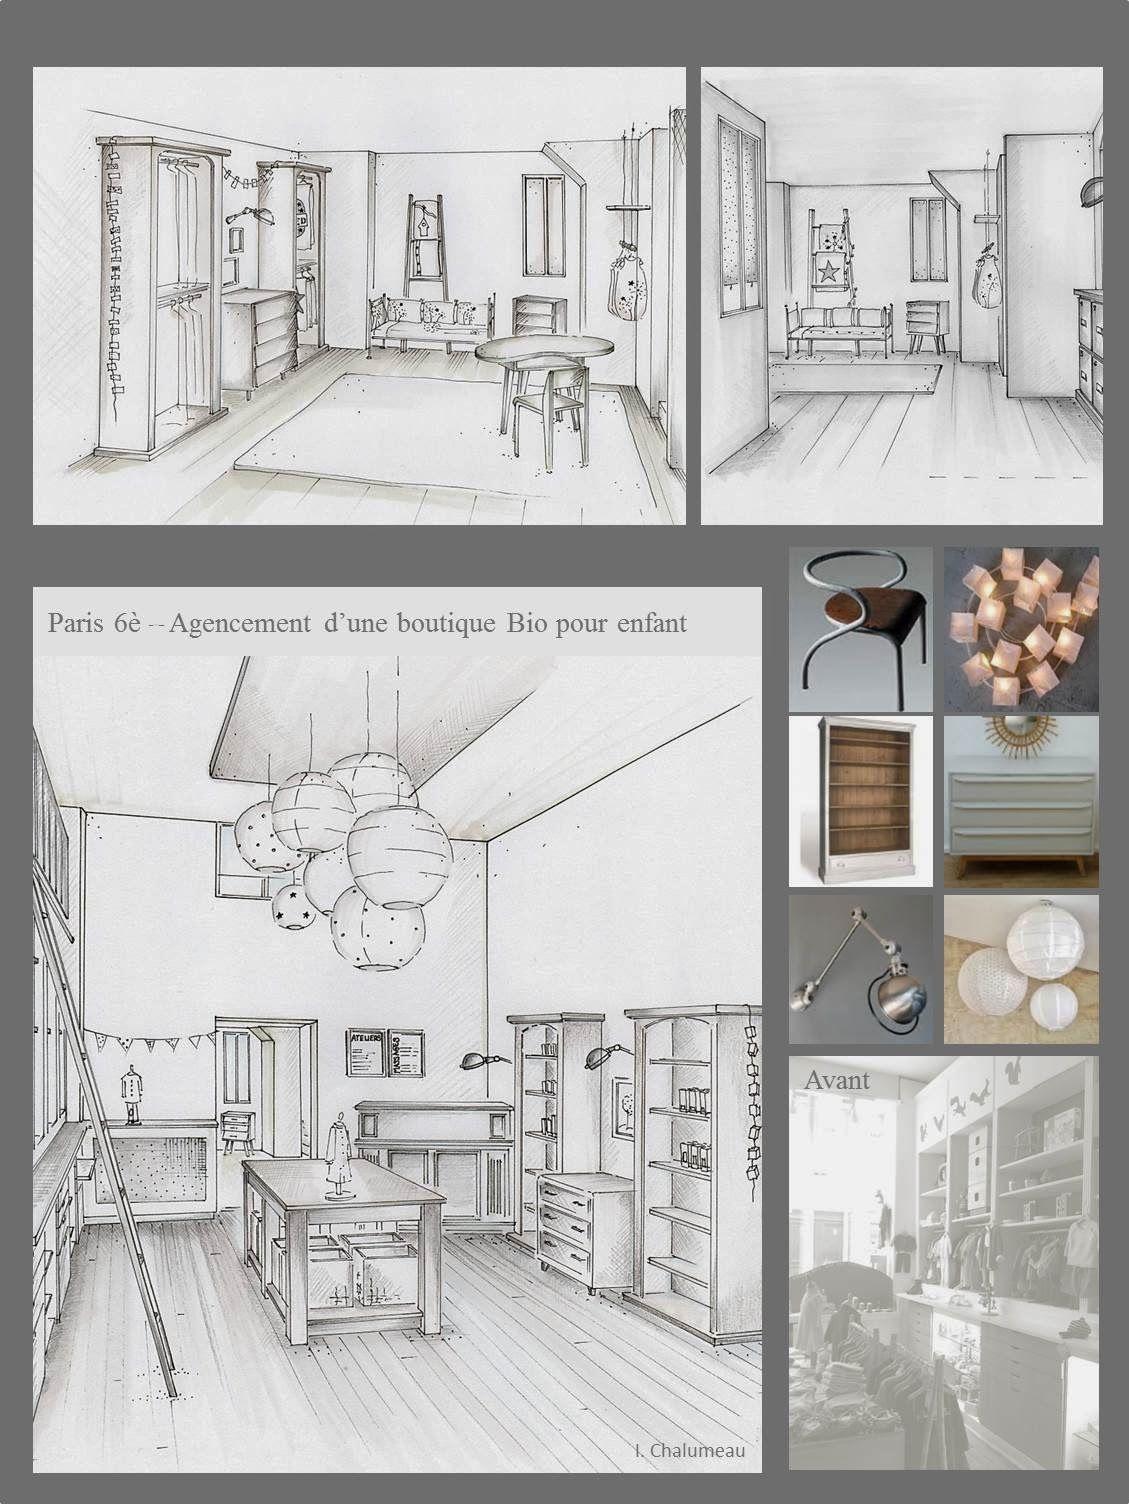 Conception graphique planches tendances plans for Design d interieur dessin